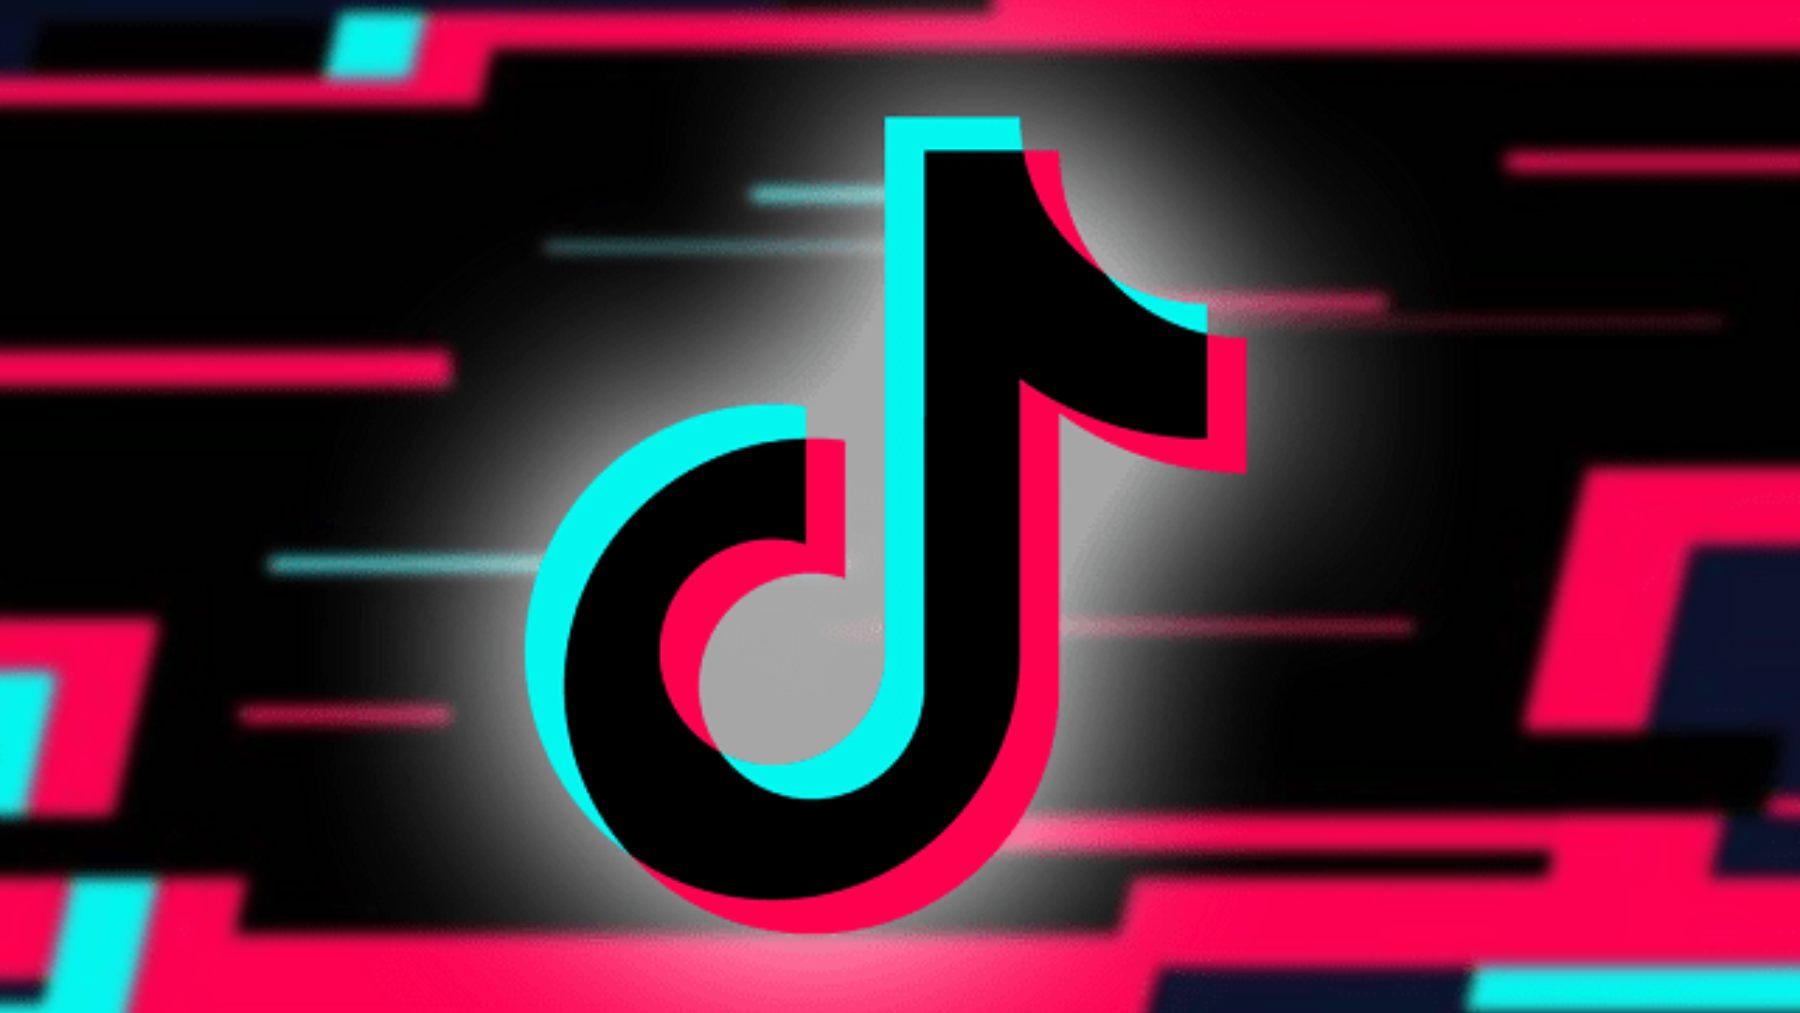 Logo de la aplicación TikTok.